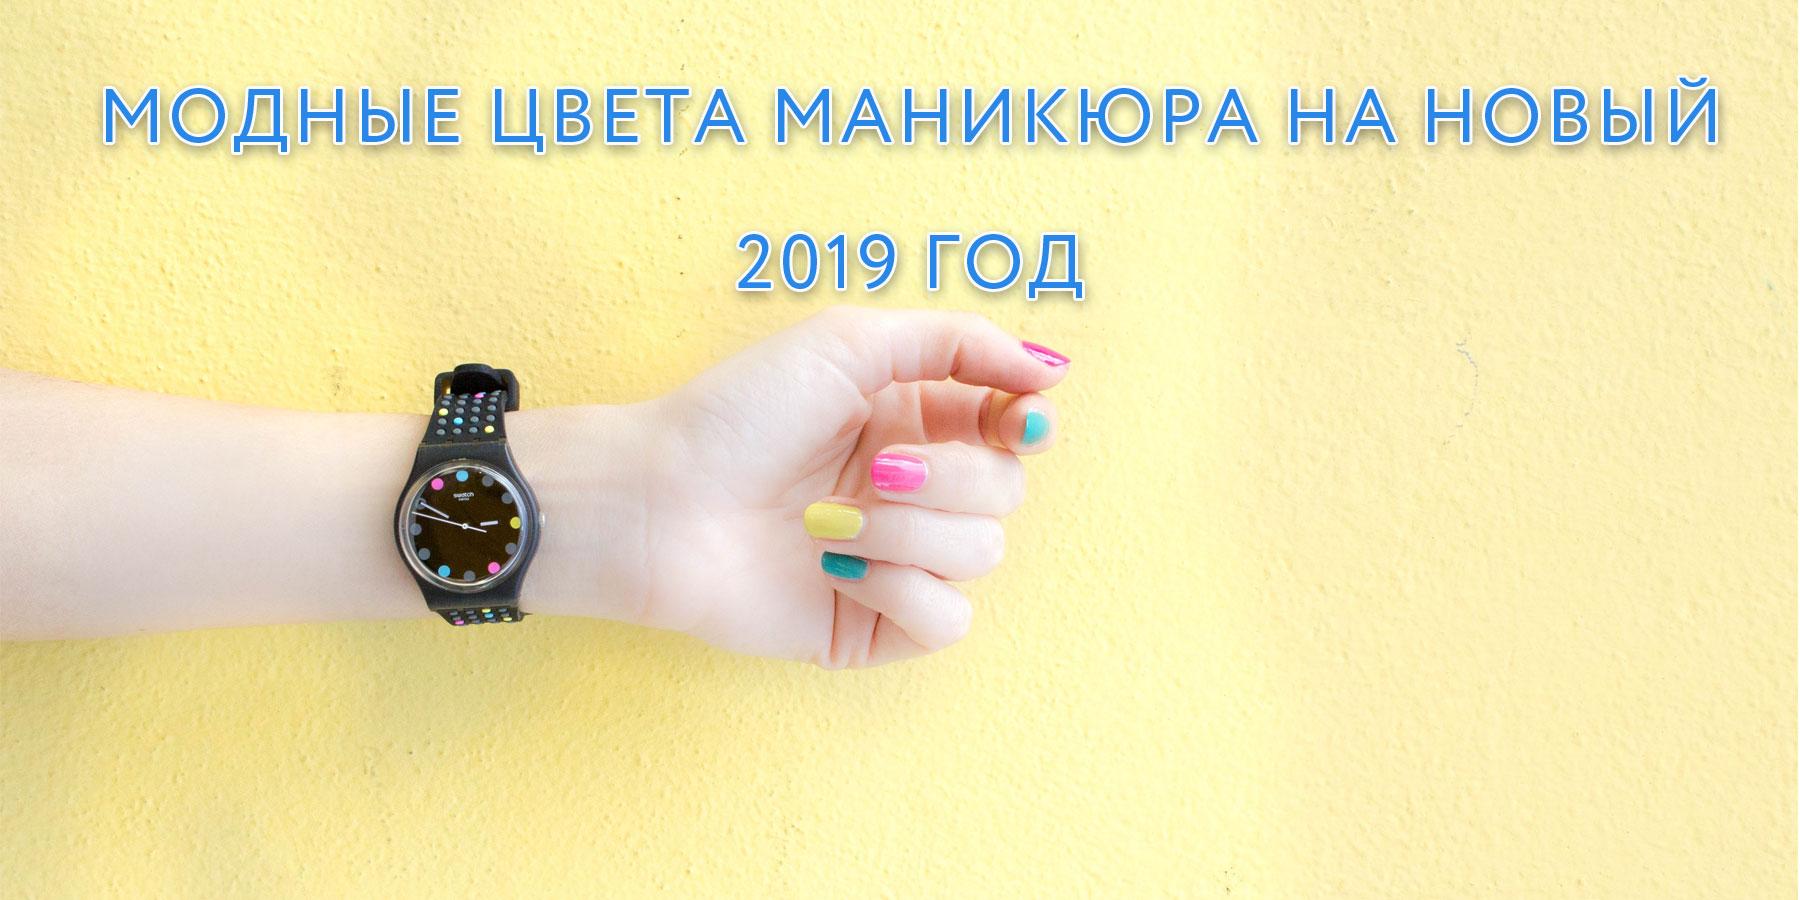 Модные цвета маникюра на новый 2019 год